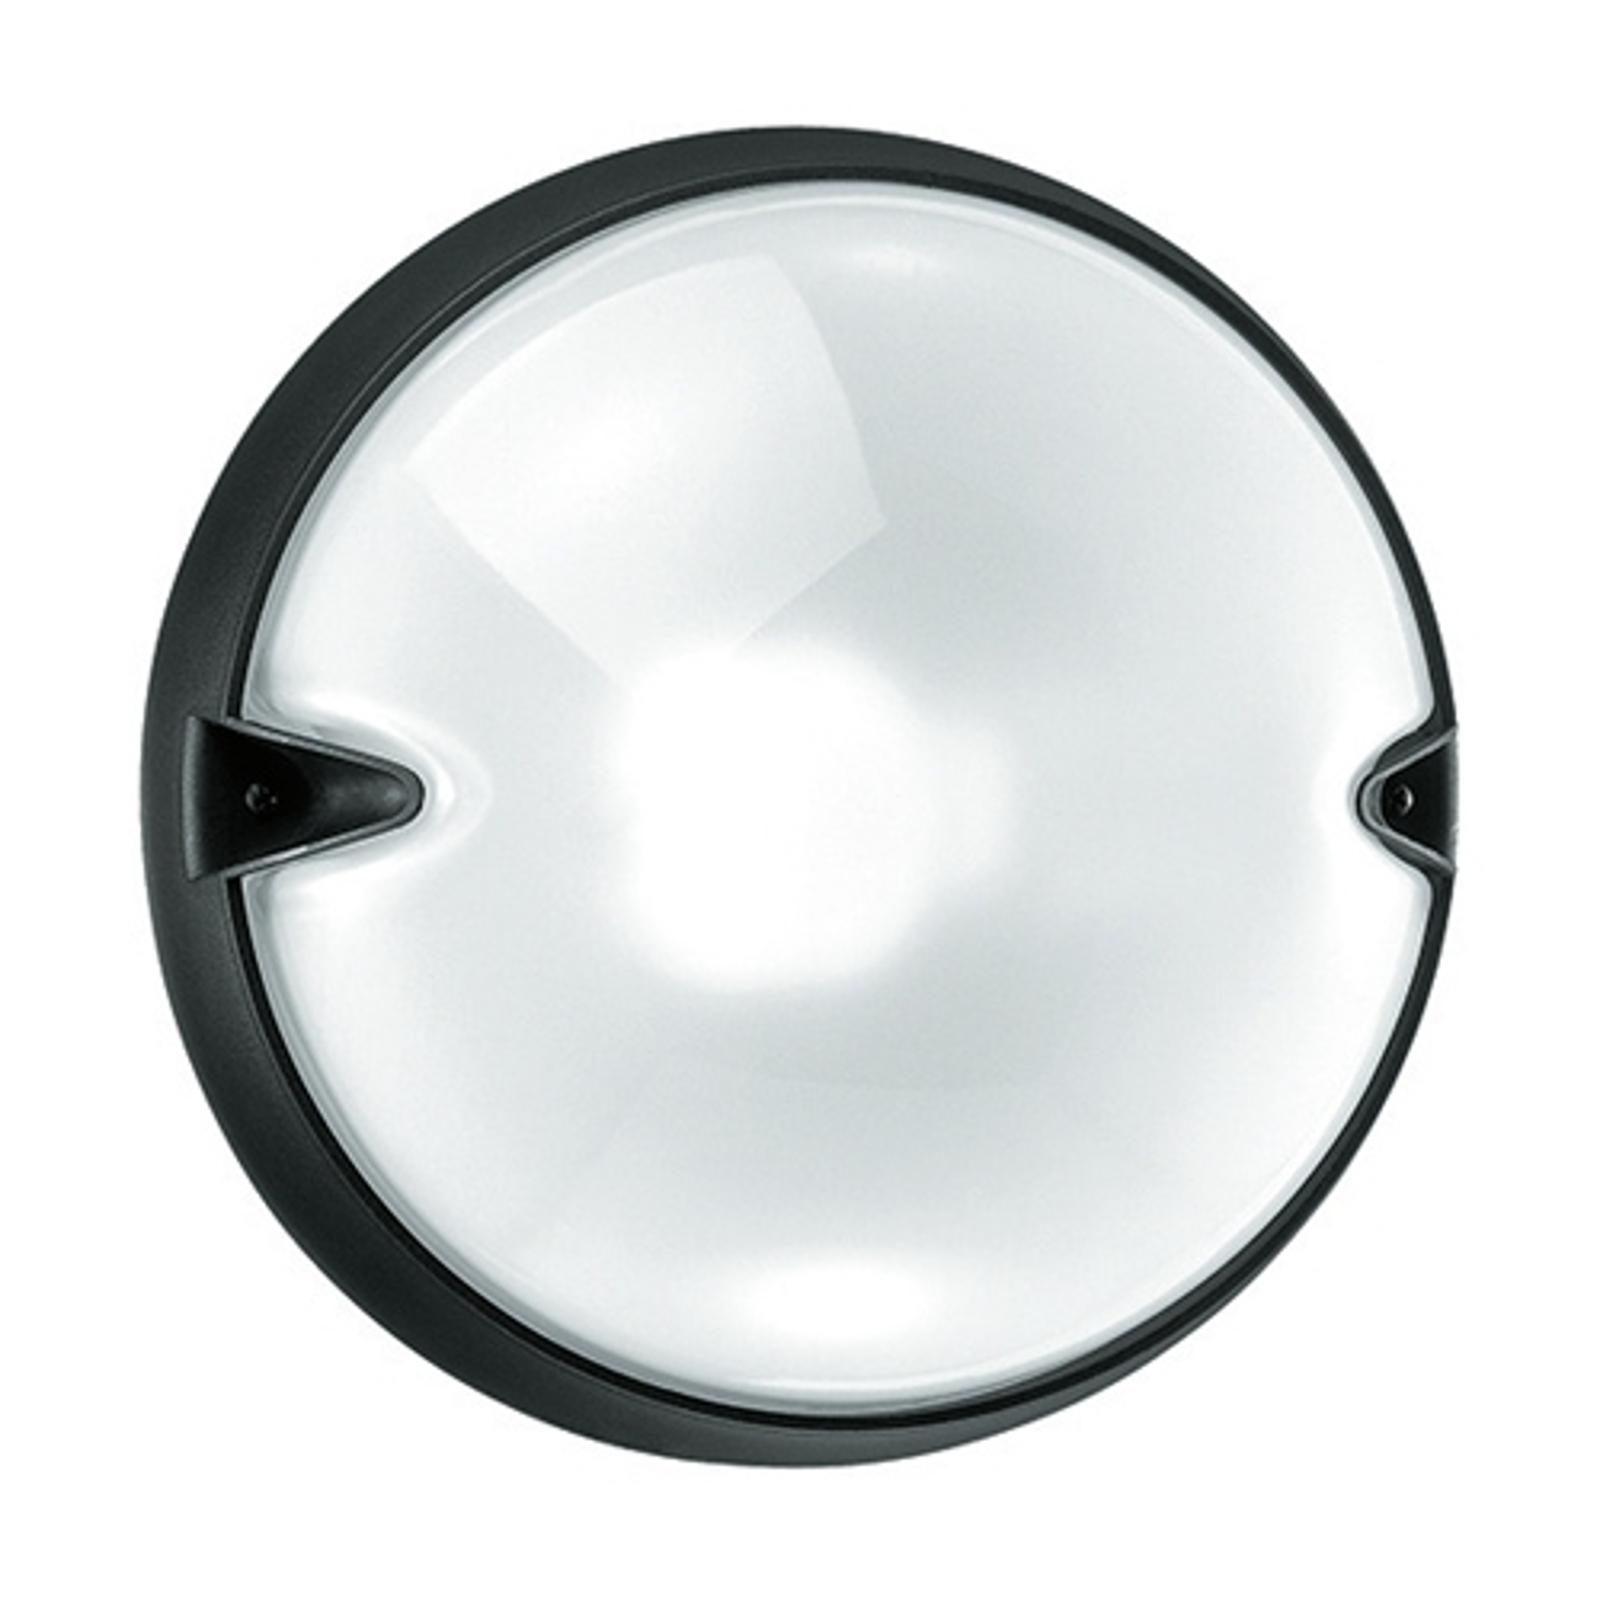 Pyöreä ulkoseinävalaisin CHIP valkoinen